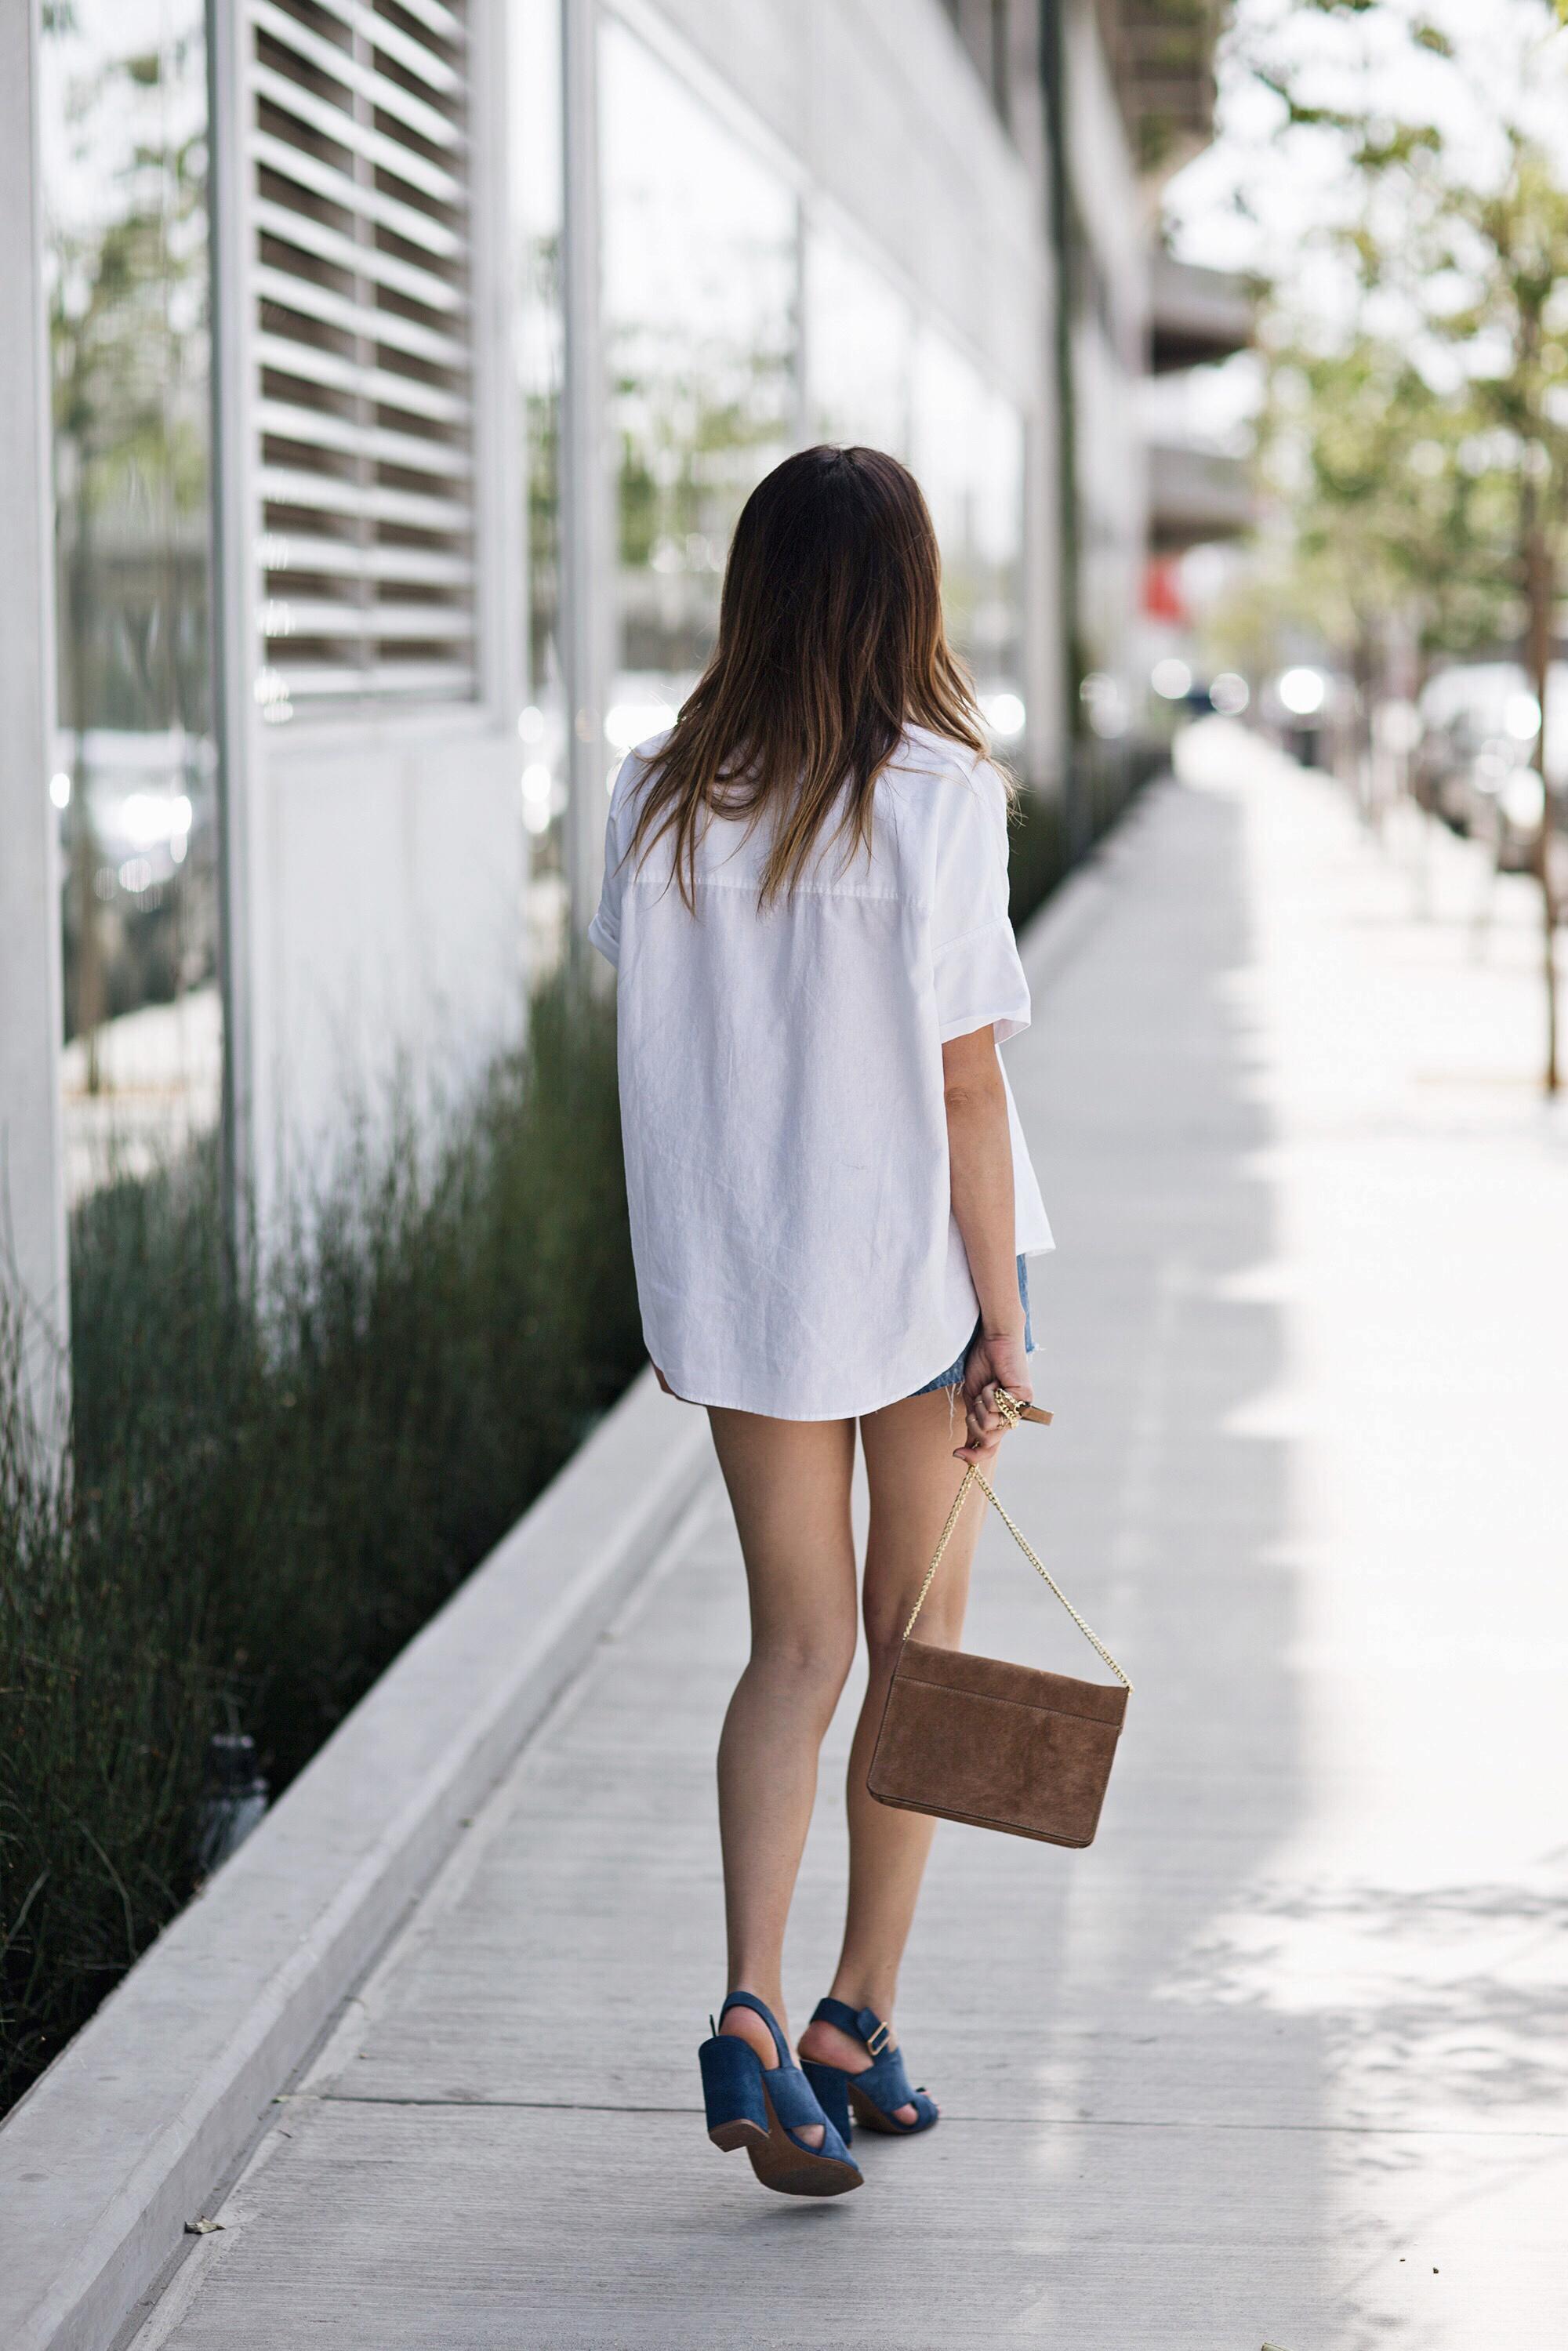 Madewell White Shirt